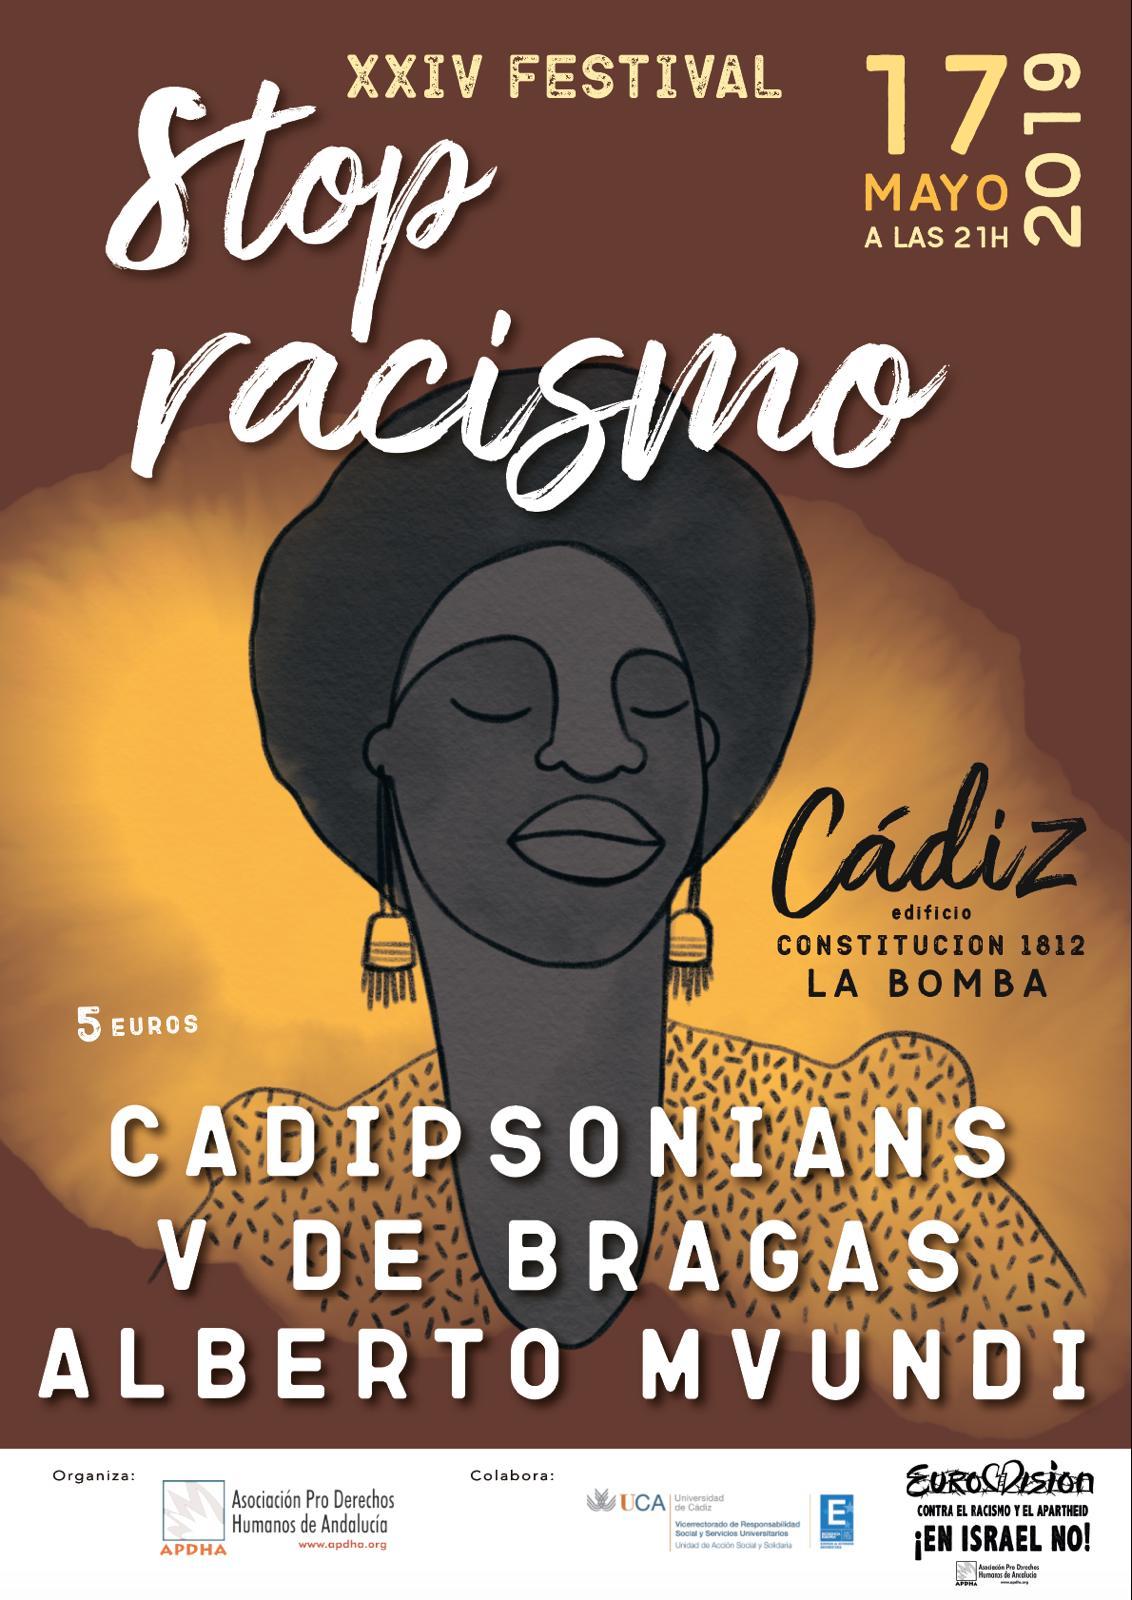 Imagen del cartel del Festival Stop Racismo